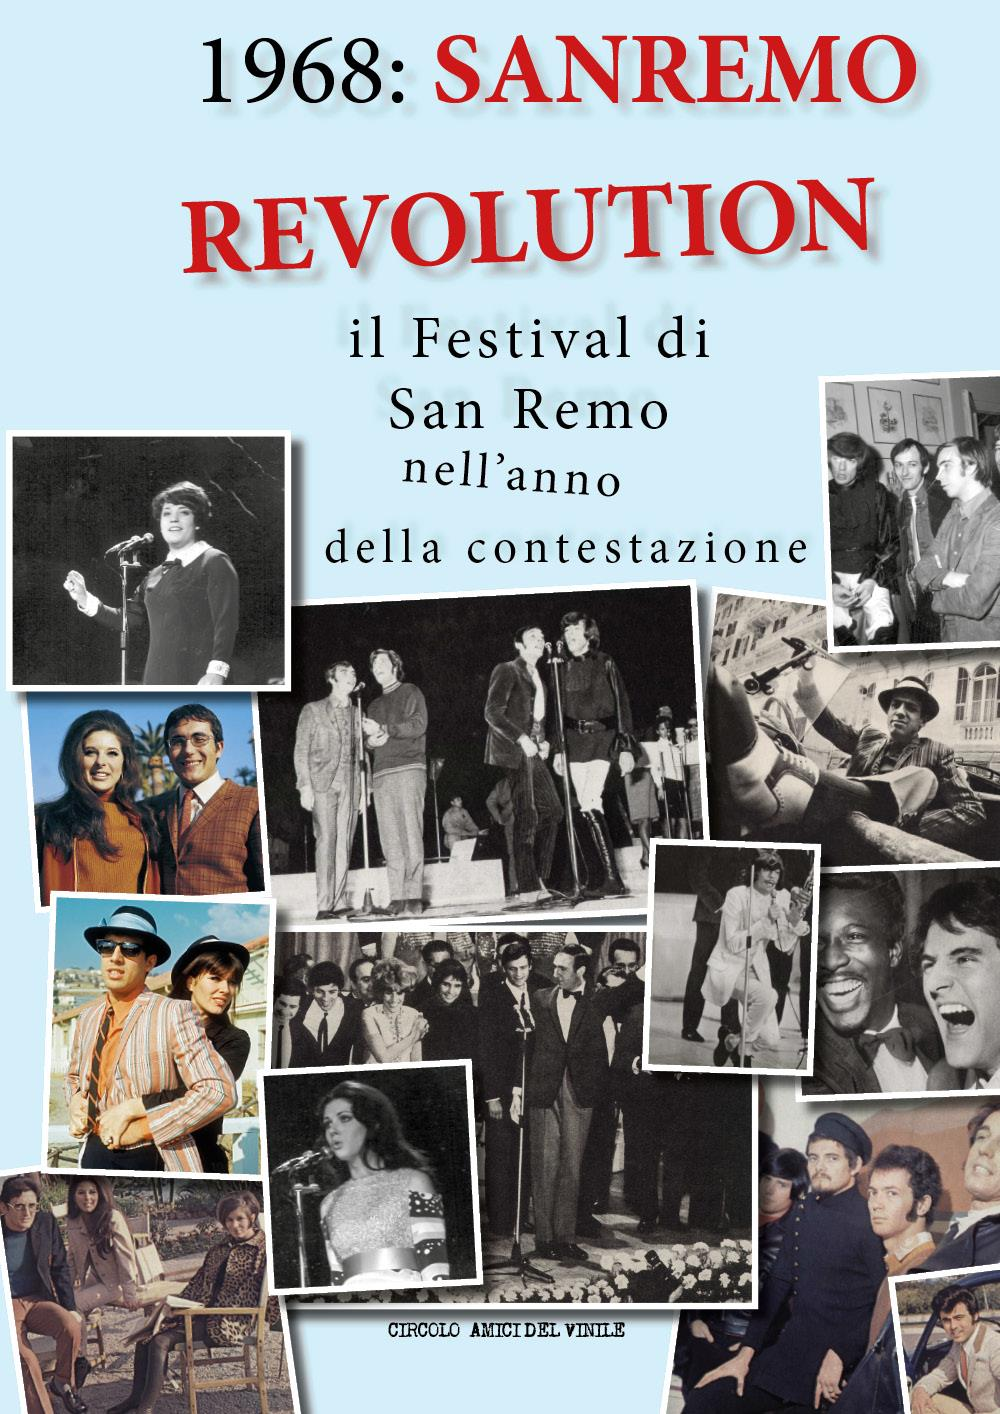 1968: Sanremo Revolution - Il Festival di San Remo nell'anno della contestazione